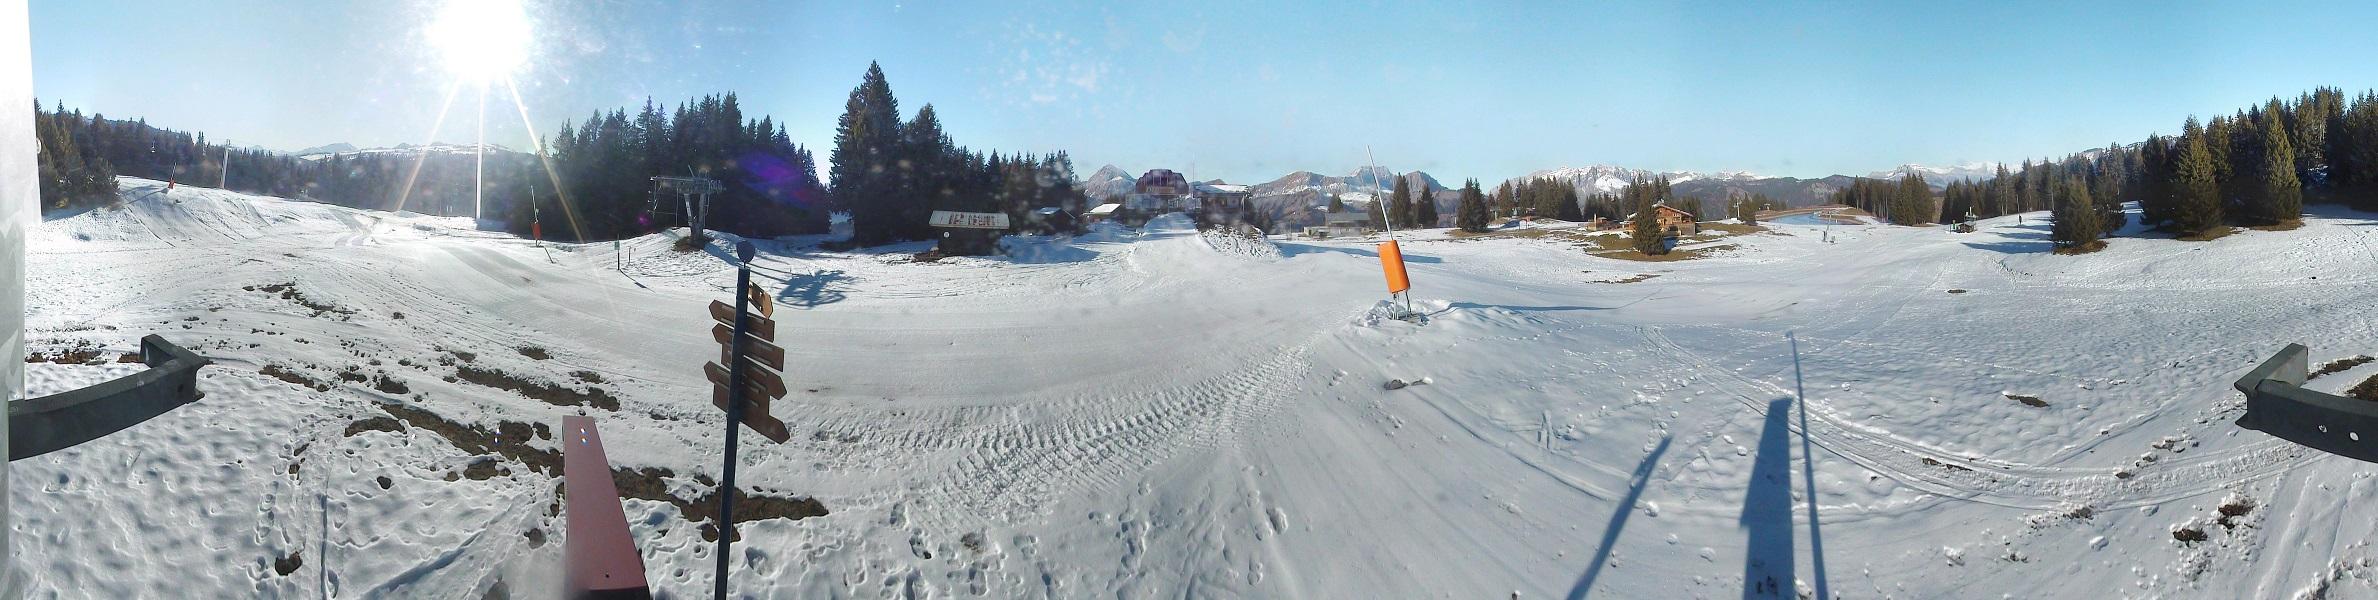 Ambiance plus blanche au sommet du Lachat, mais la couche de neige est bien mince...